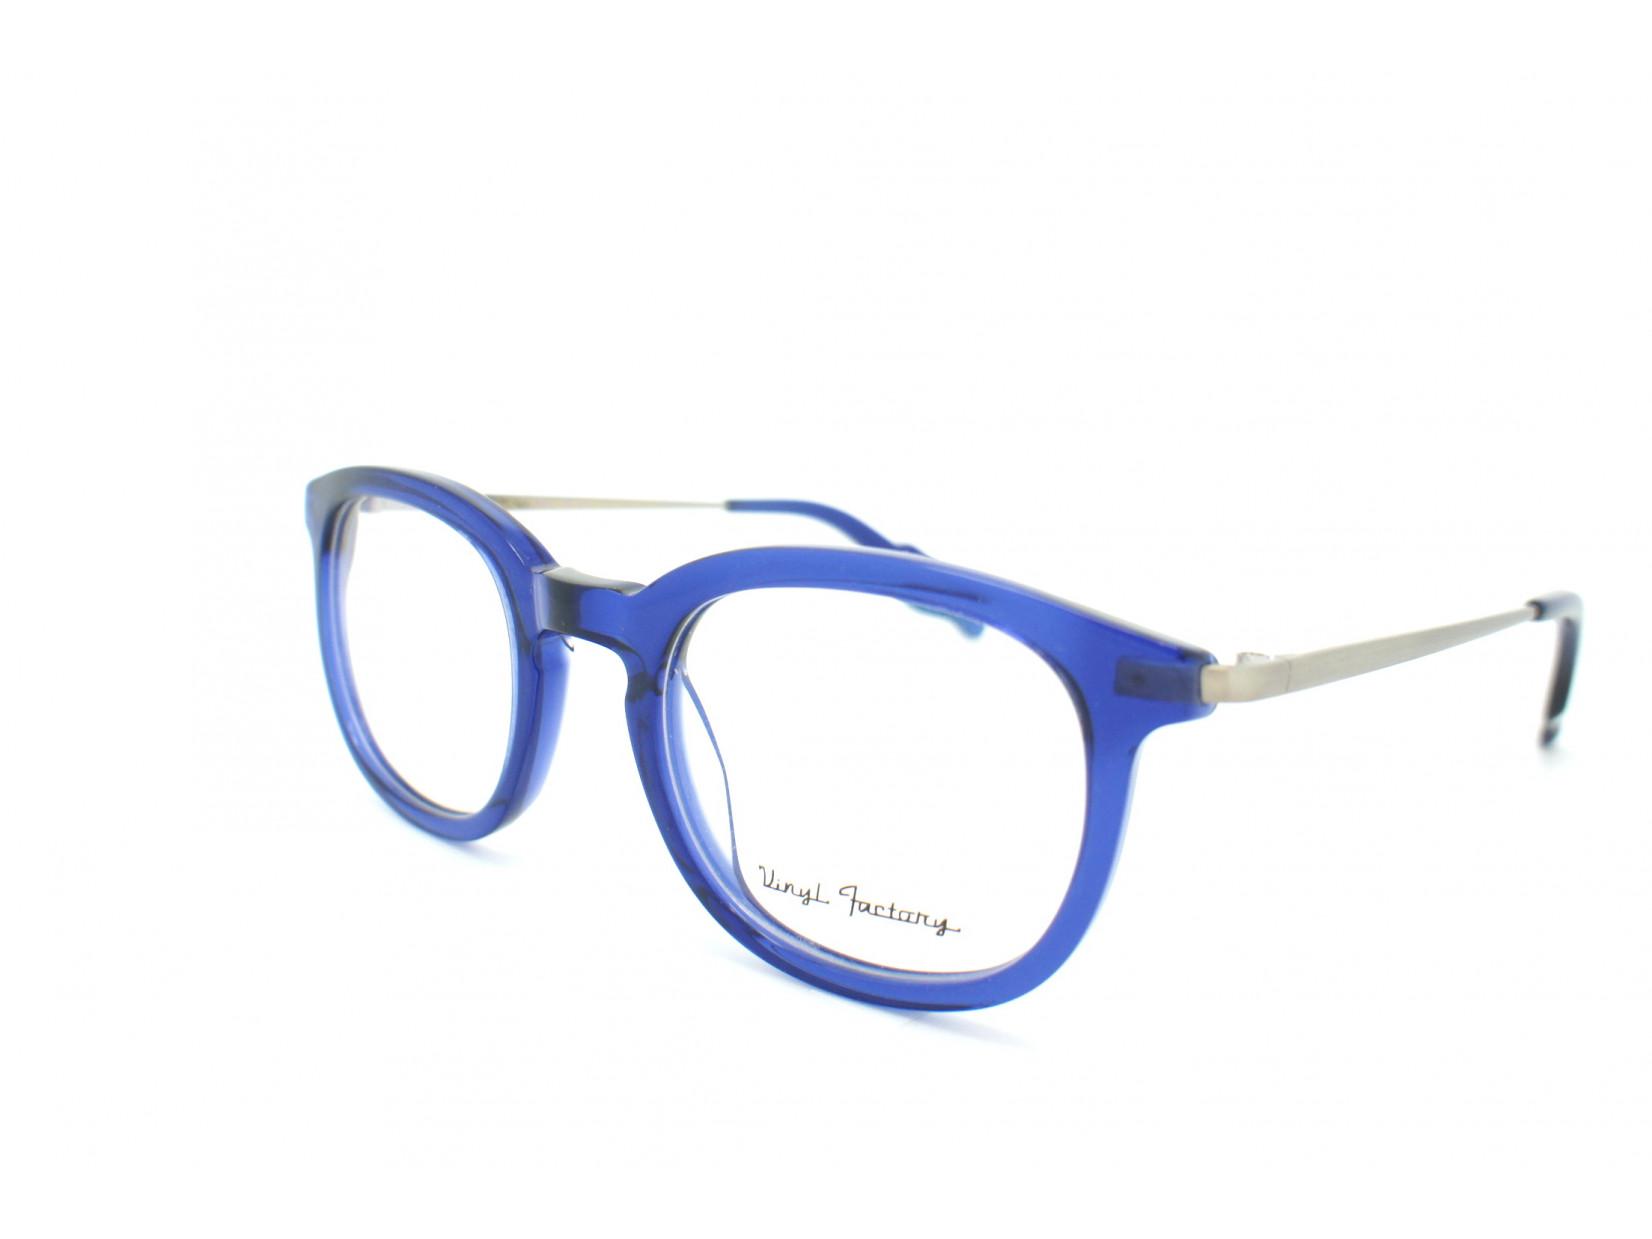 e0518d0134b3c Lunettes de vue pour femme Bleu BUTLER C1 47 22